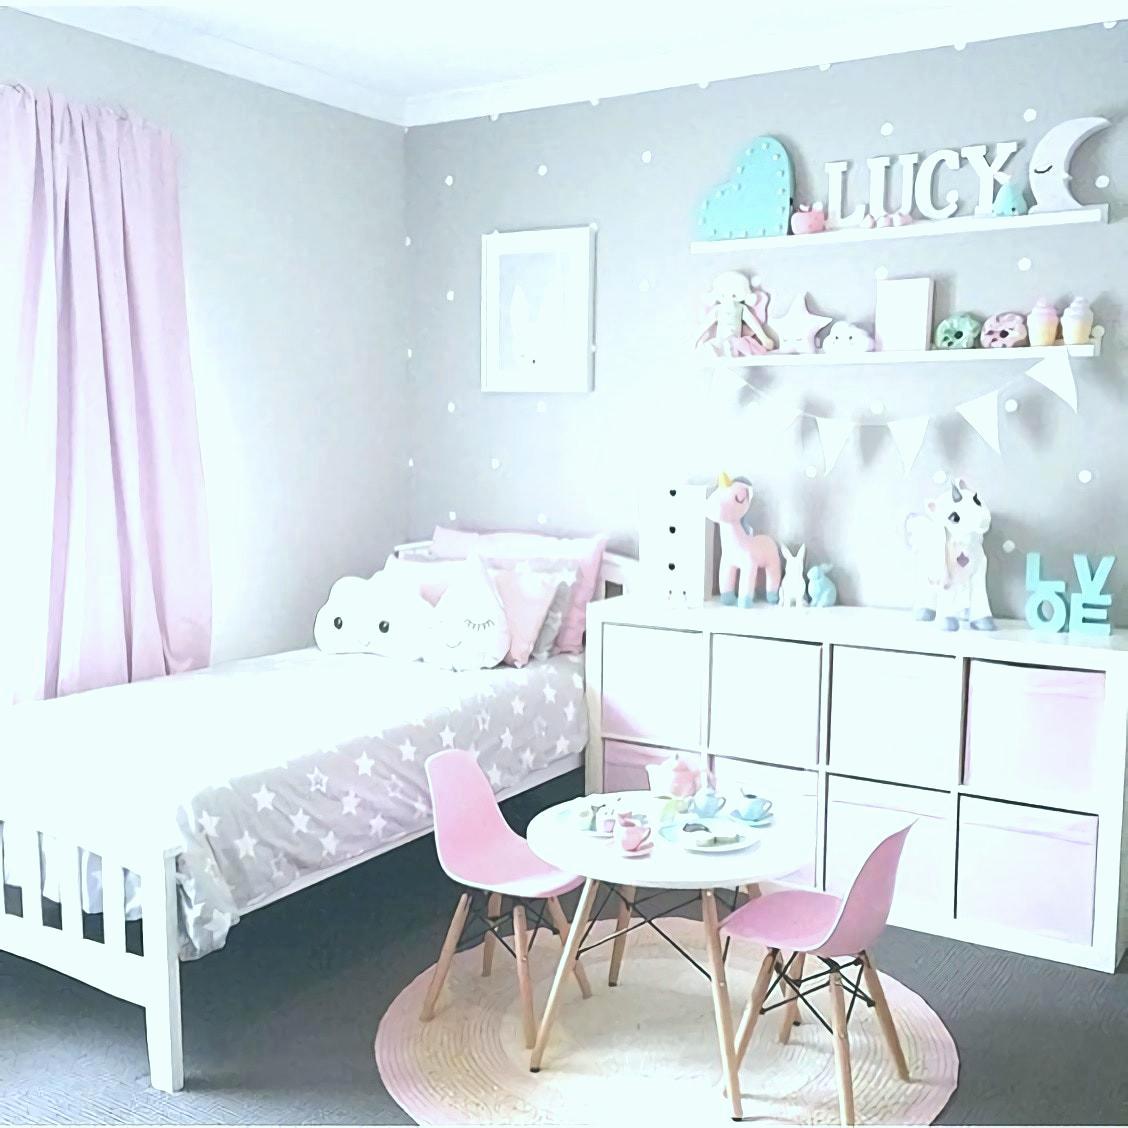 Full Size of Farben Junge Luxus Wandfarben Regal Regale Sofa Weiß Wohnzimmer Wandgestaltung Kinderzimmer Jungen